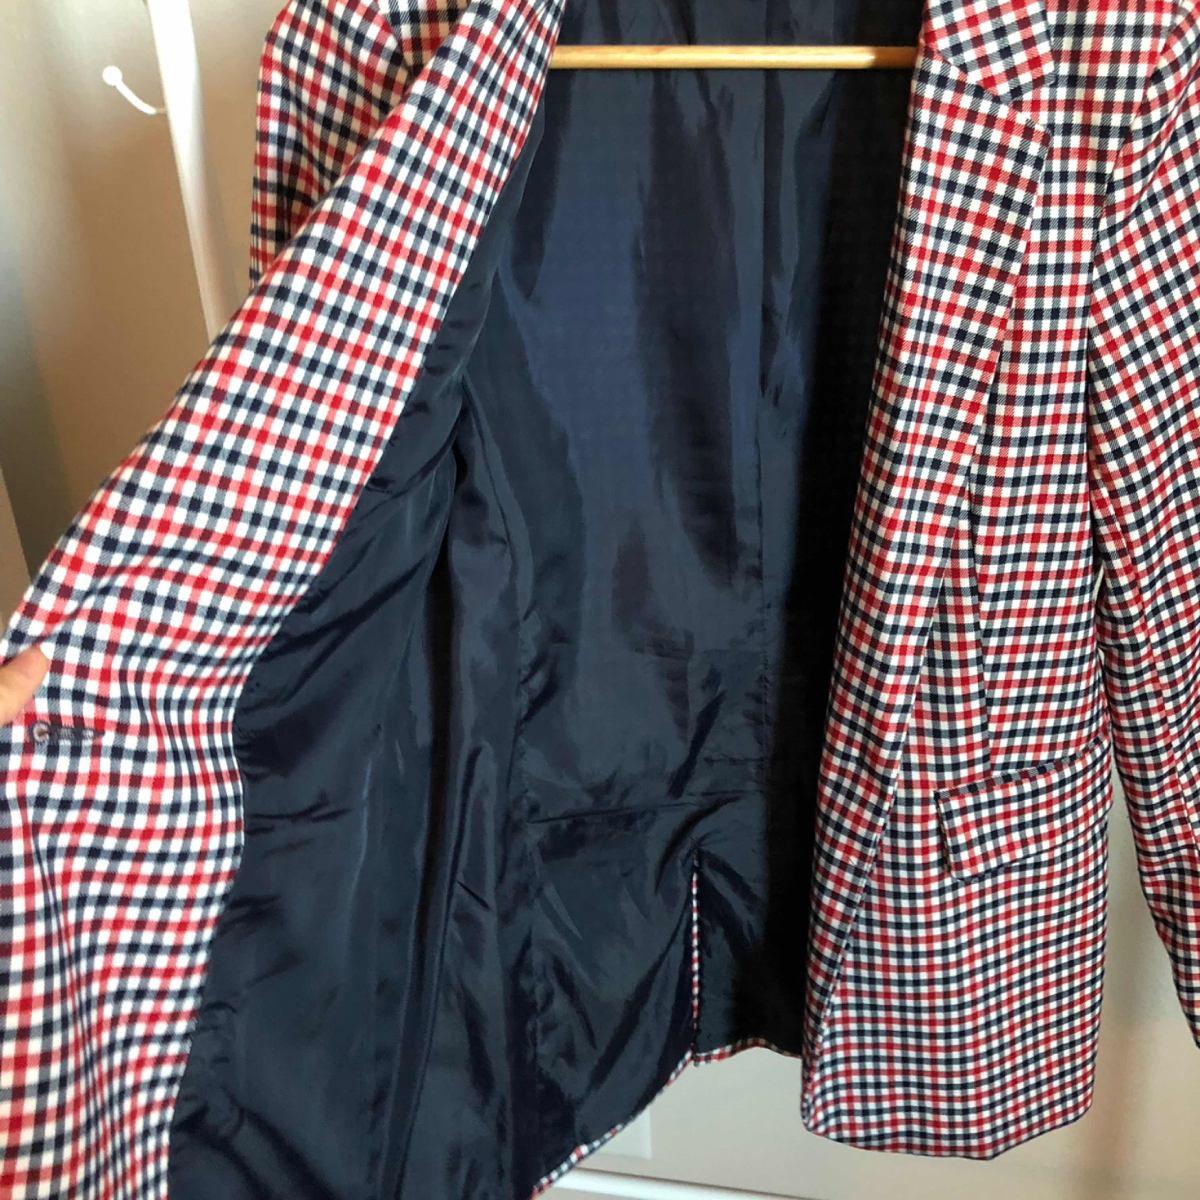 recoger calzado estética de lujo Blazer De Cuadros Azul Con Rojo Marca Stradivarius - $ 320.00